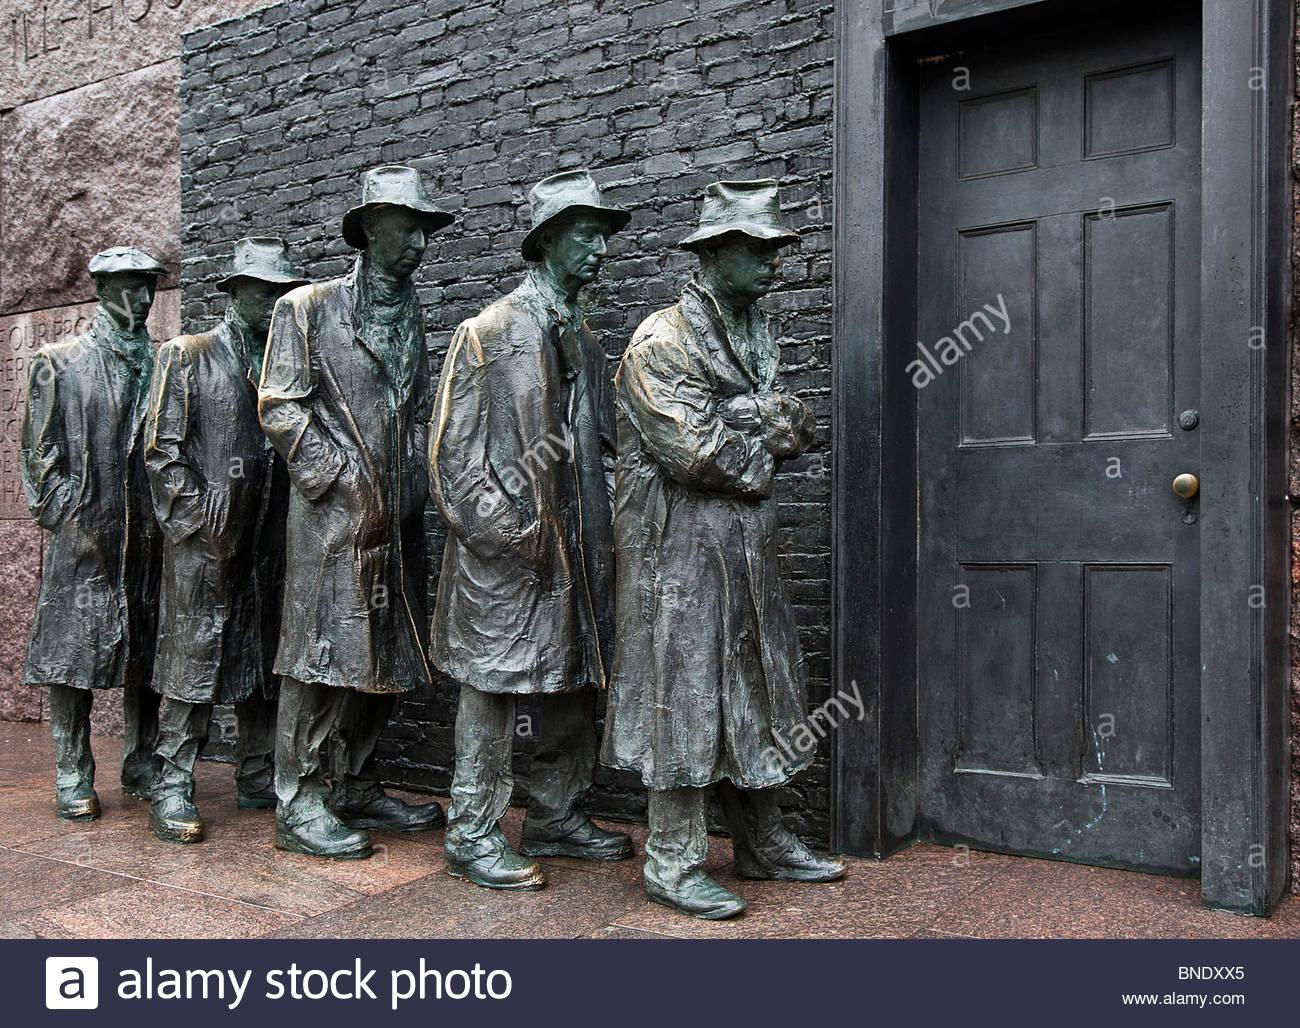 Statua della Grande Depressione pane linea, Franklin Delano Roosevelt Memorial, Washington DC, Stati Uniti d'America Immagini Stock